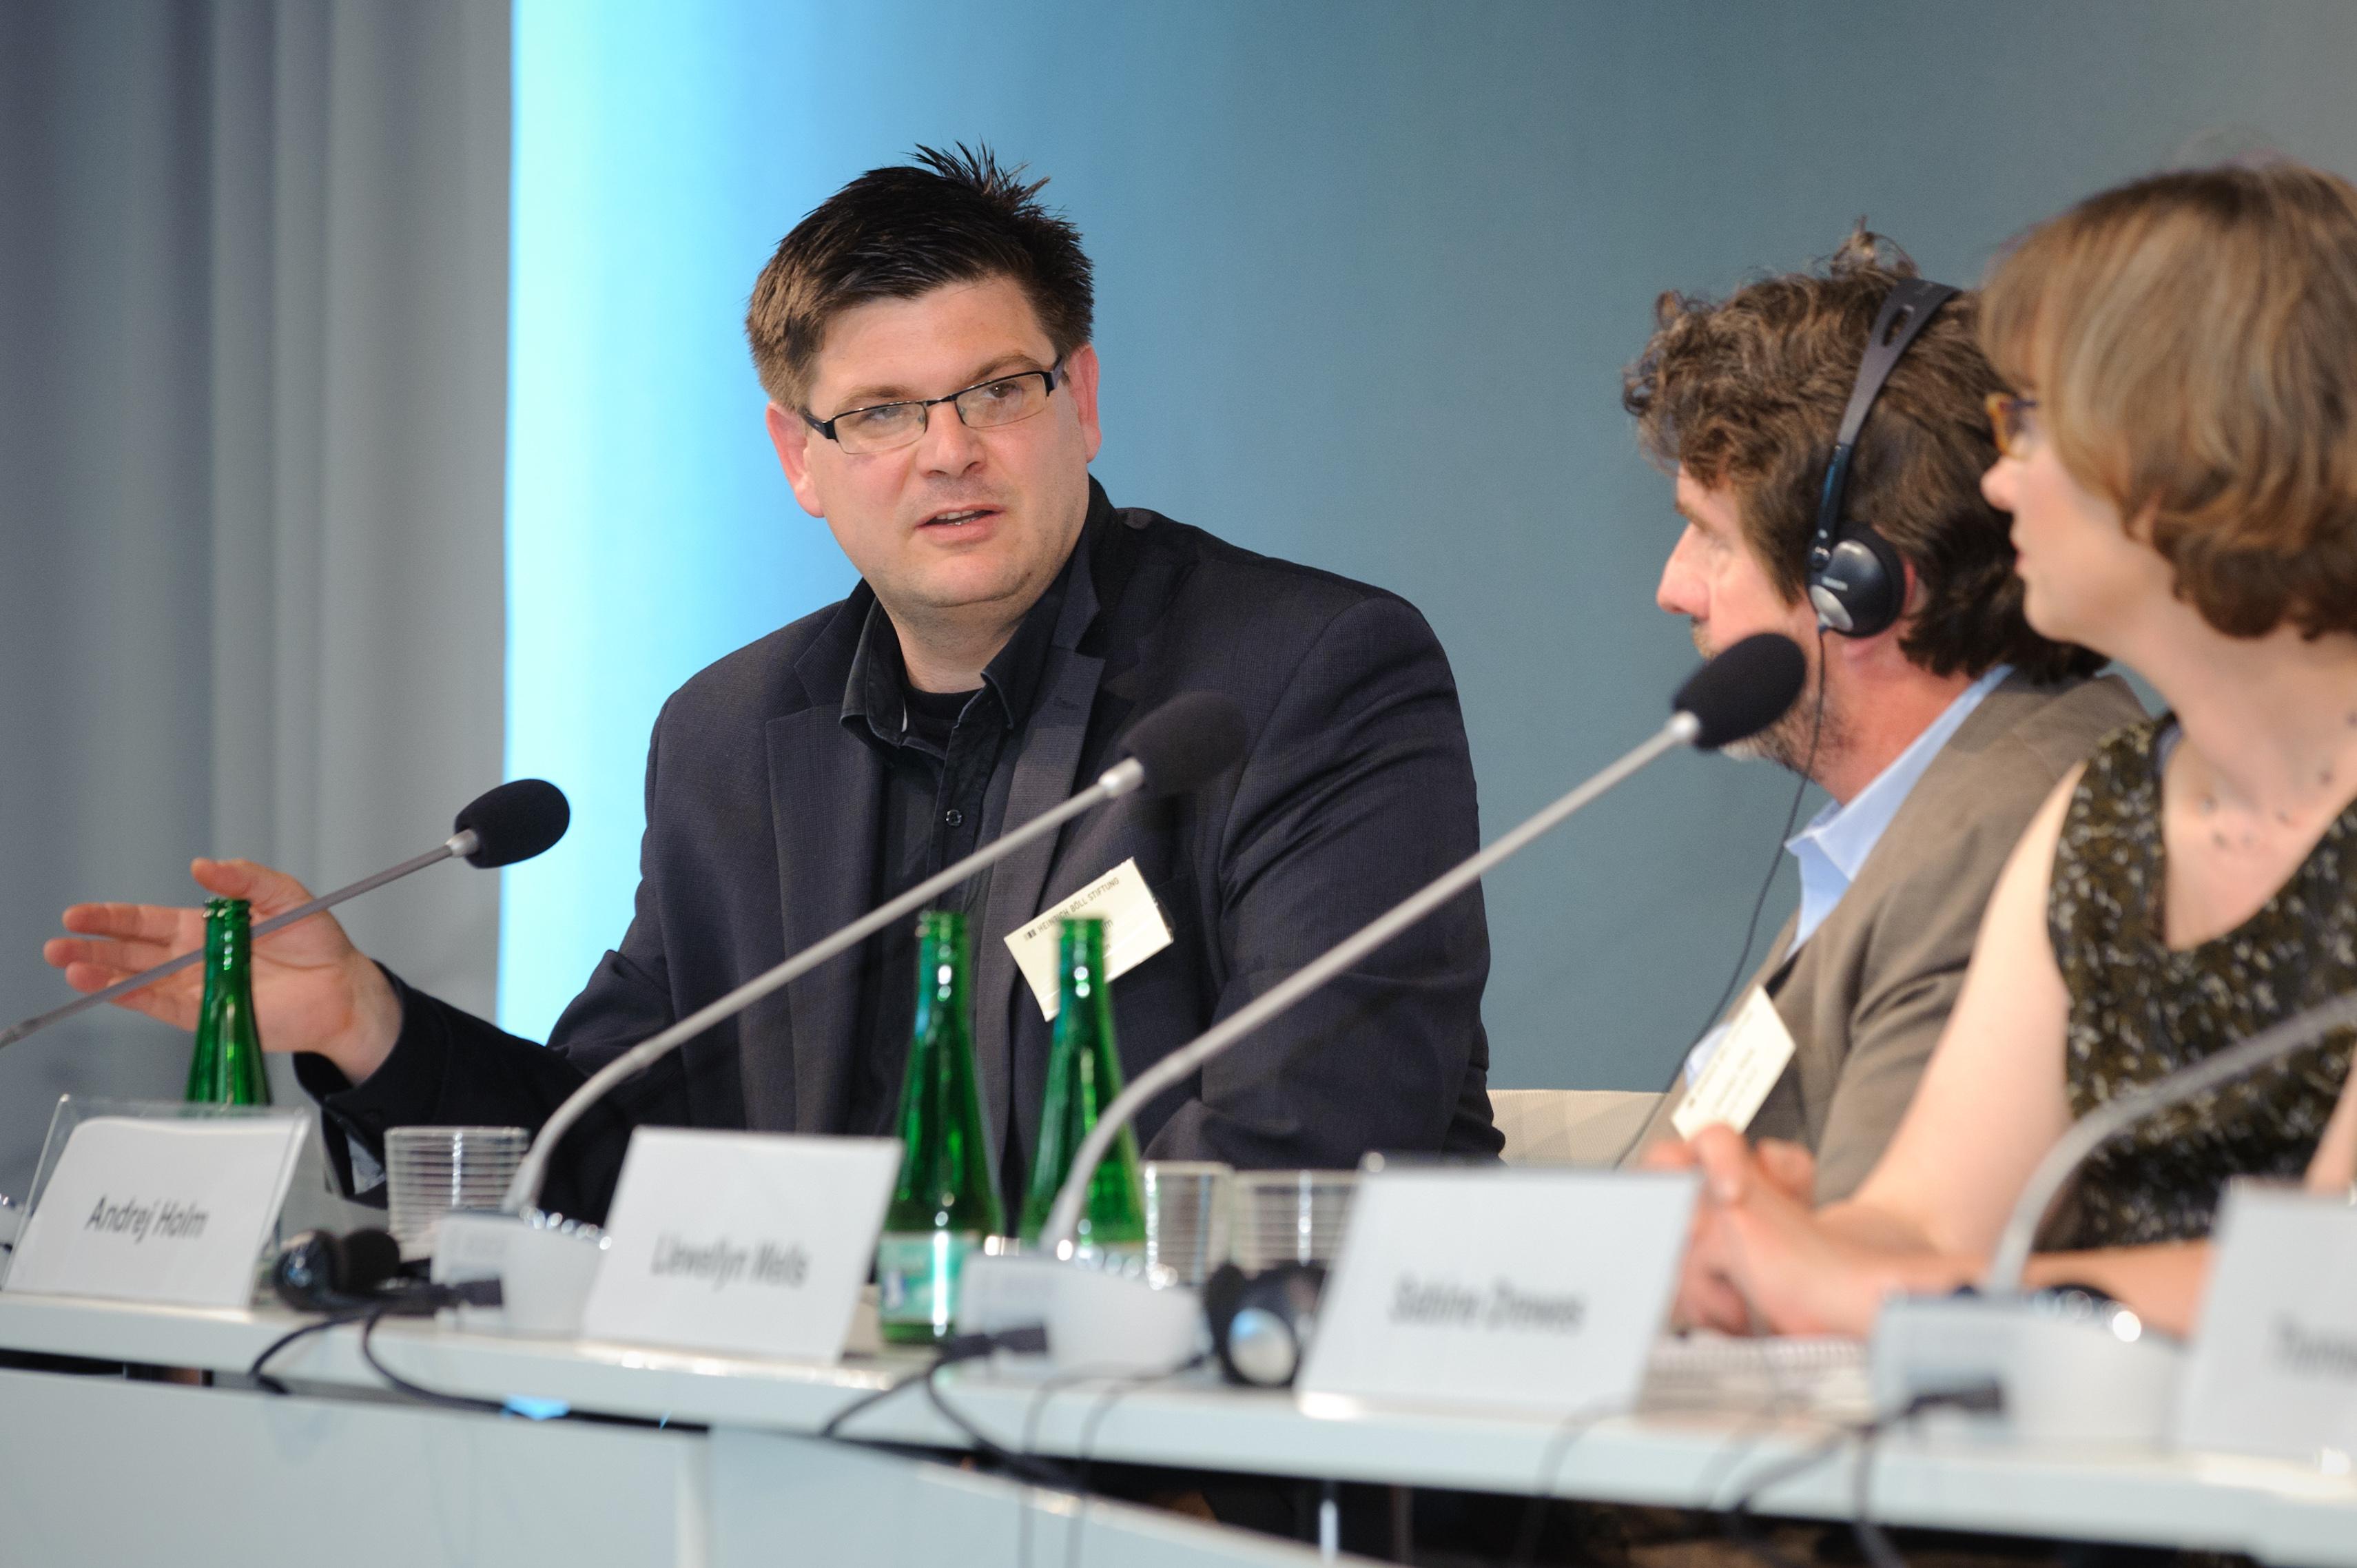 https://upload.wikimedia.org/wikipedia/commons/e/e1/Andrej_Holm_2.jpg